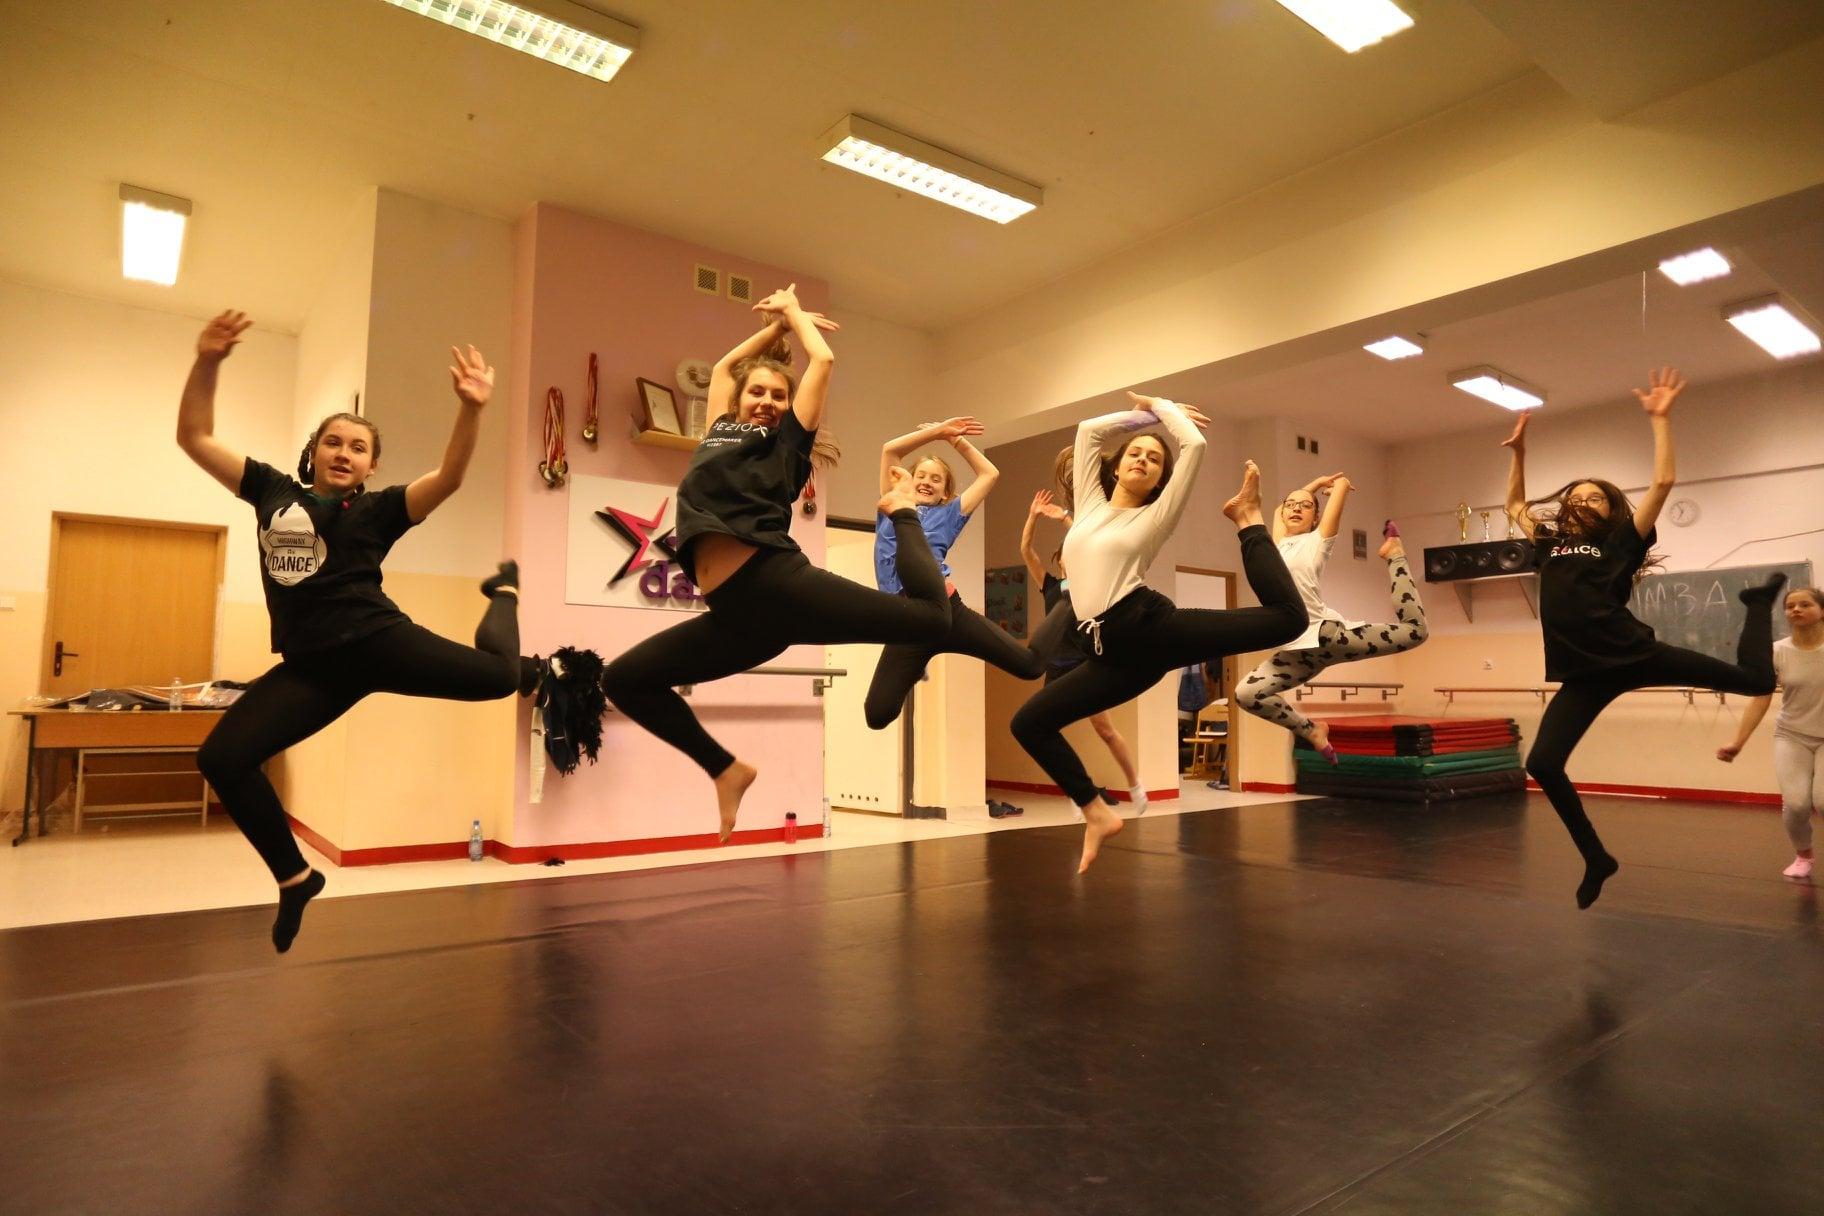 taniec modern jazz warszawa